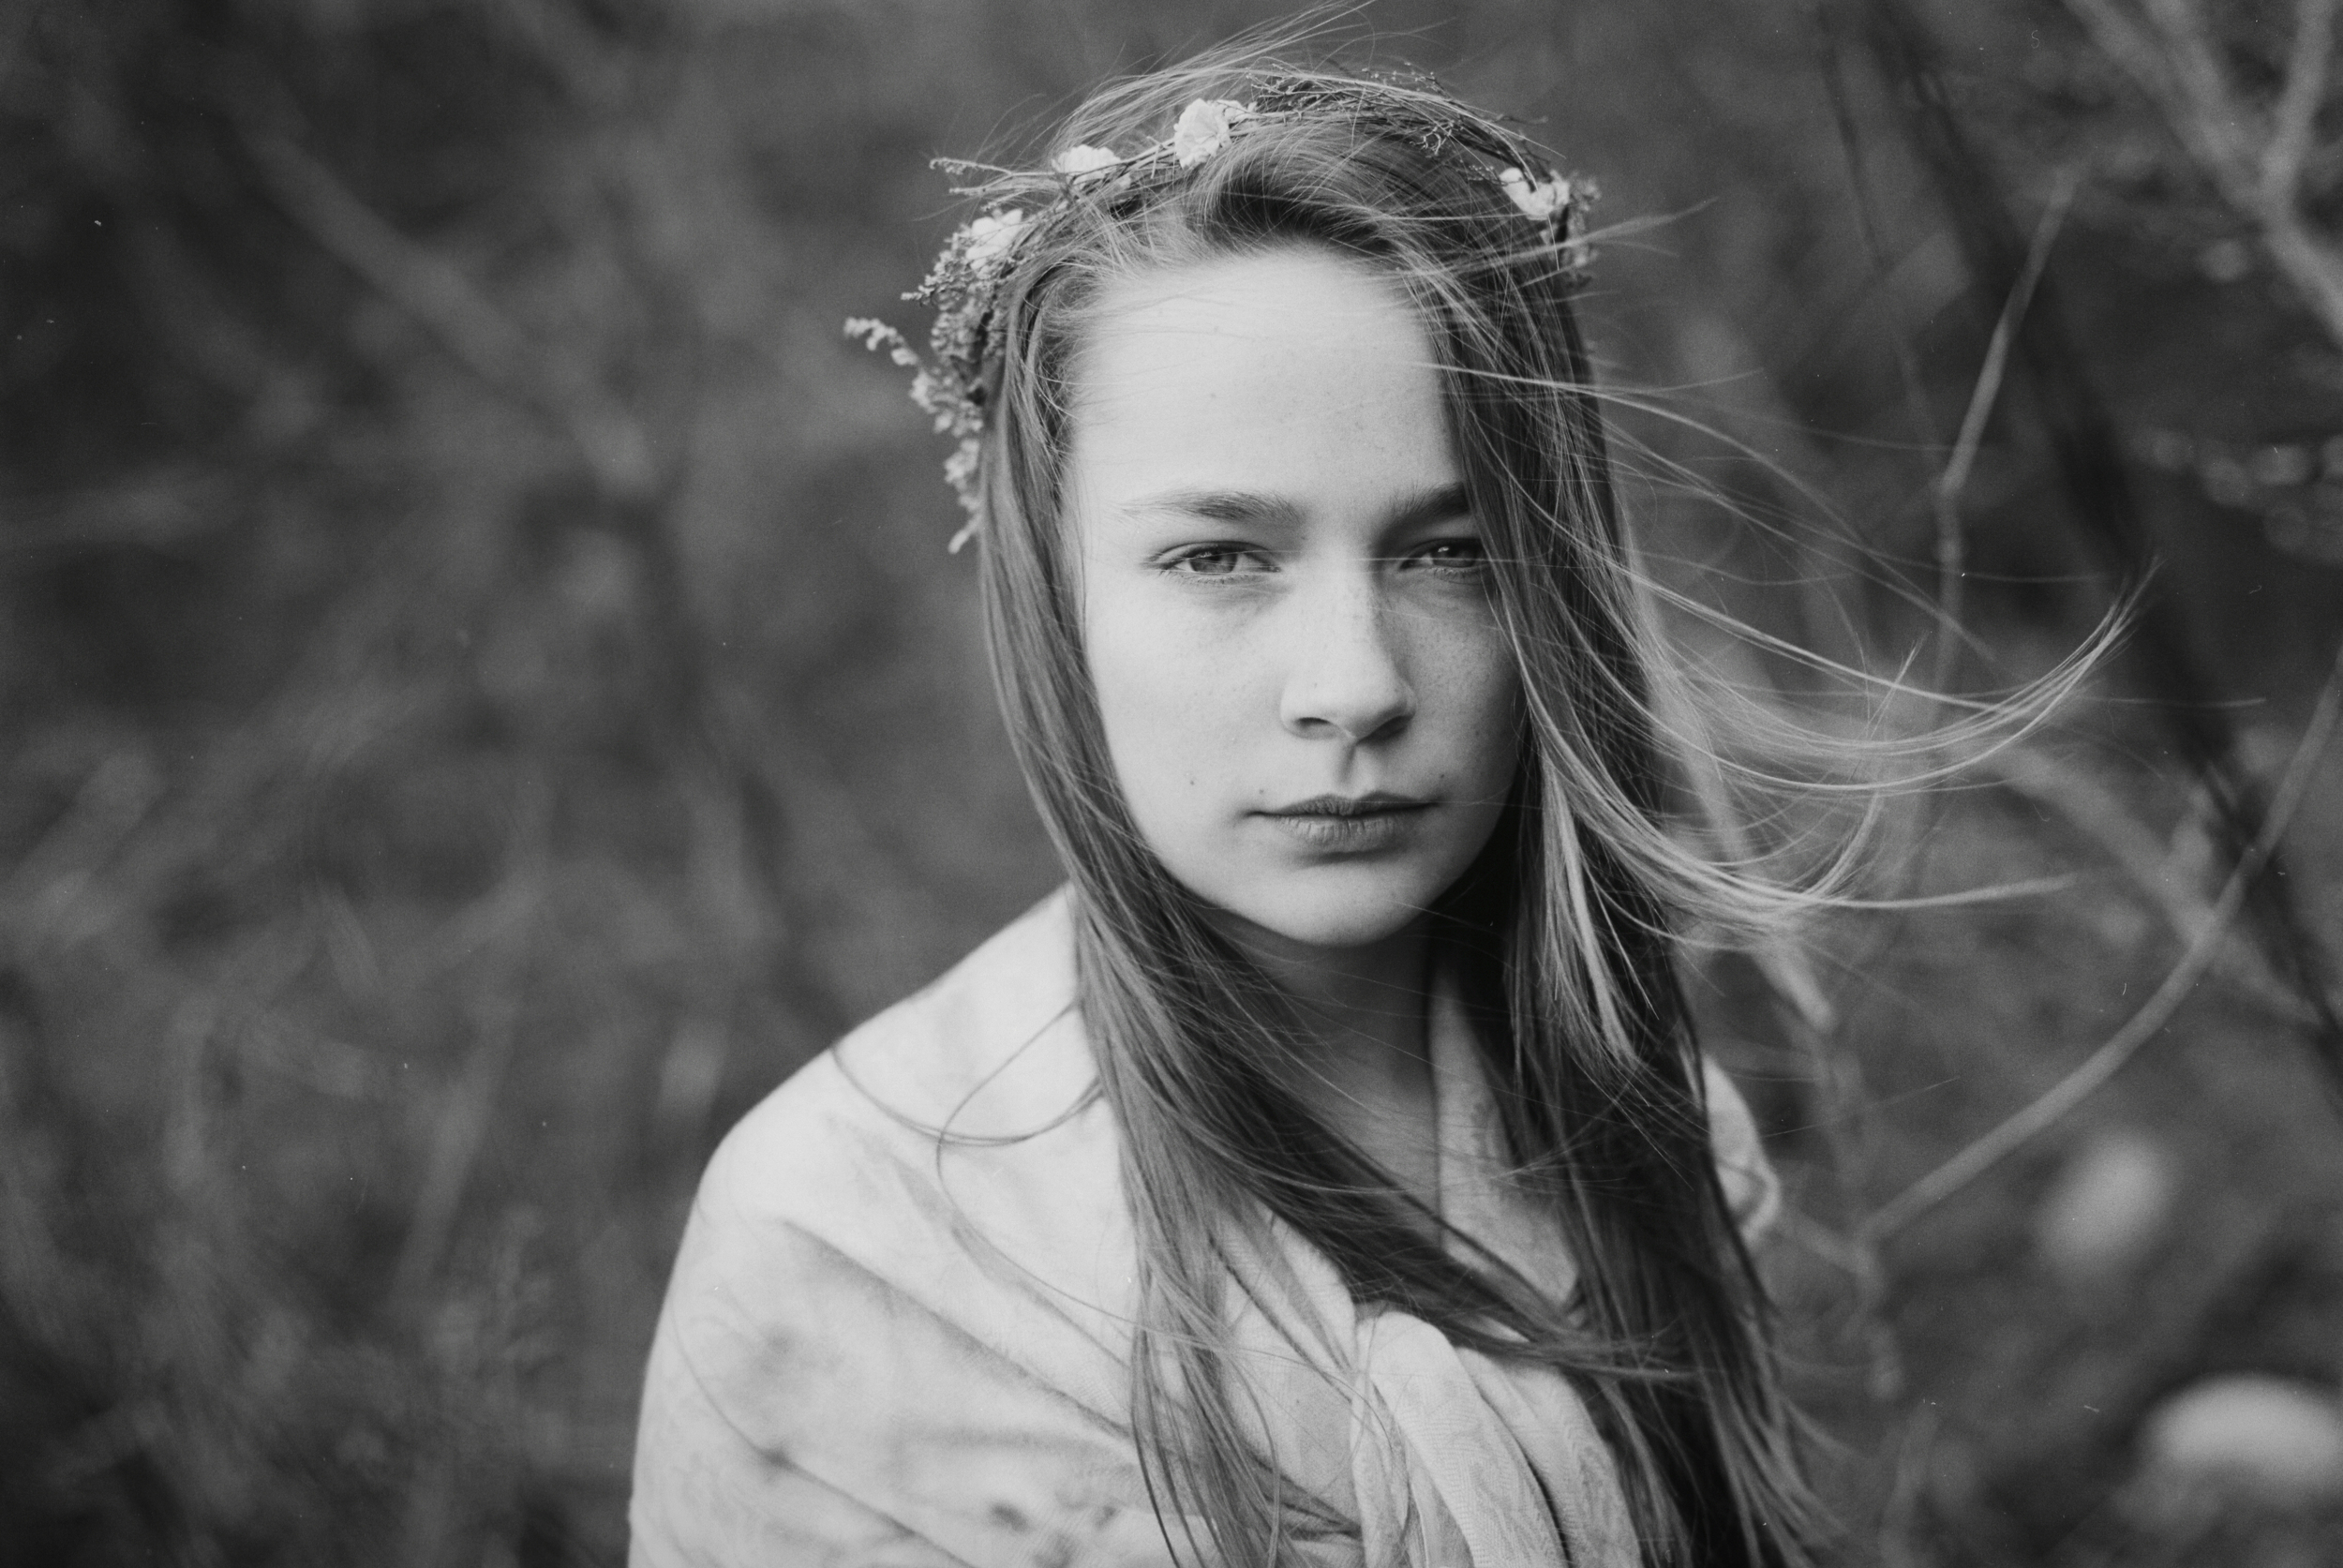 girl in flower crown northampton